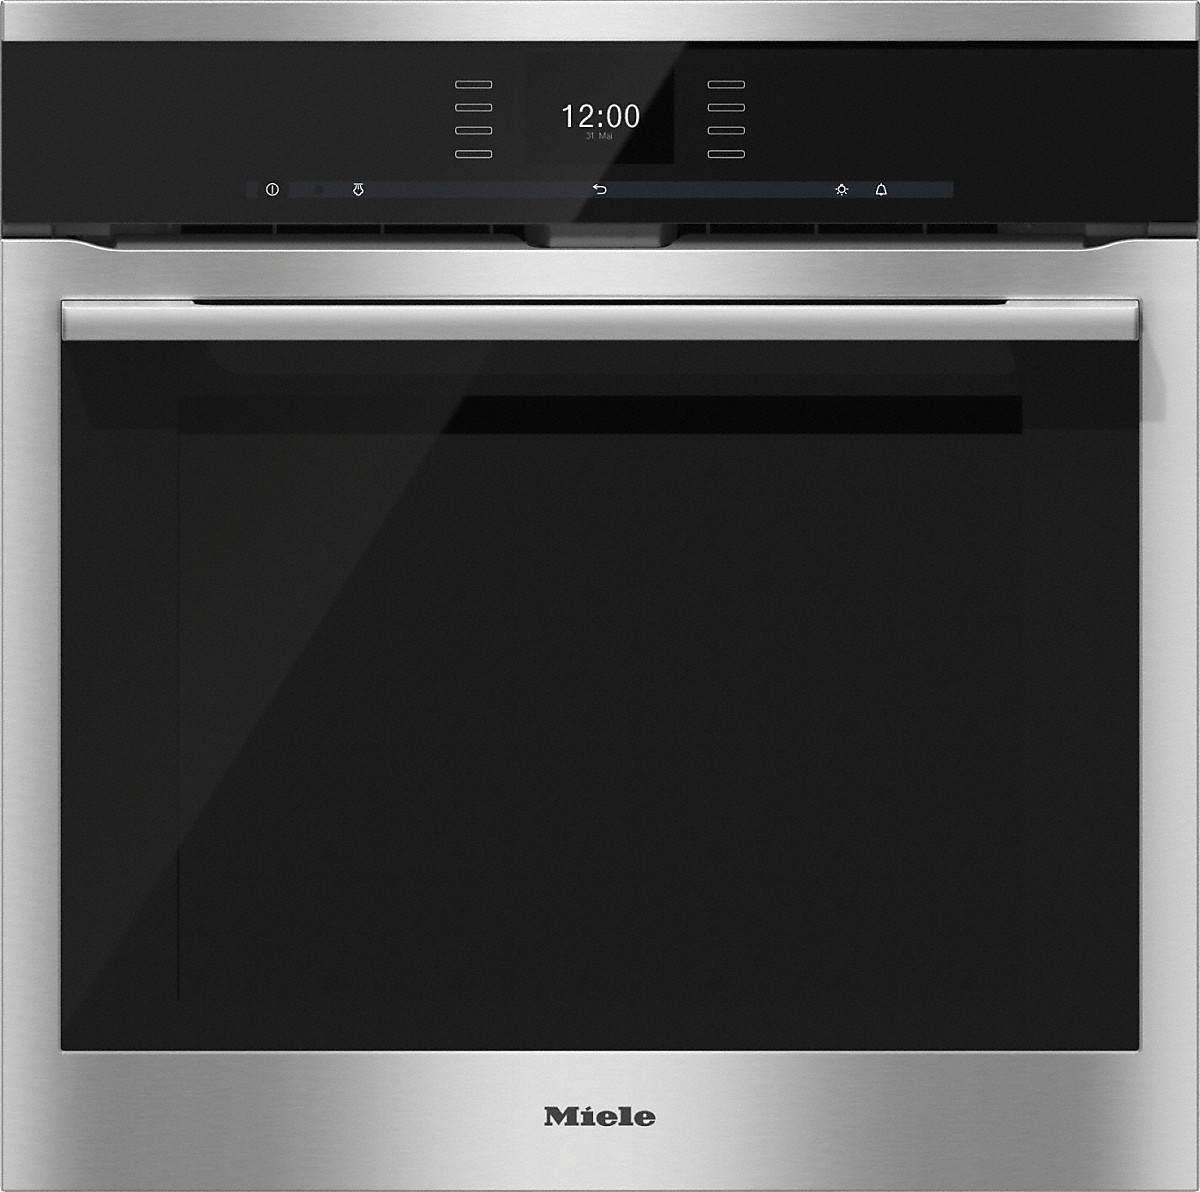 miele ovens h 6560 bp oven. Black Bedroom Furniture Sets. Home Design Ideas